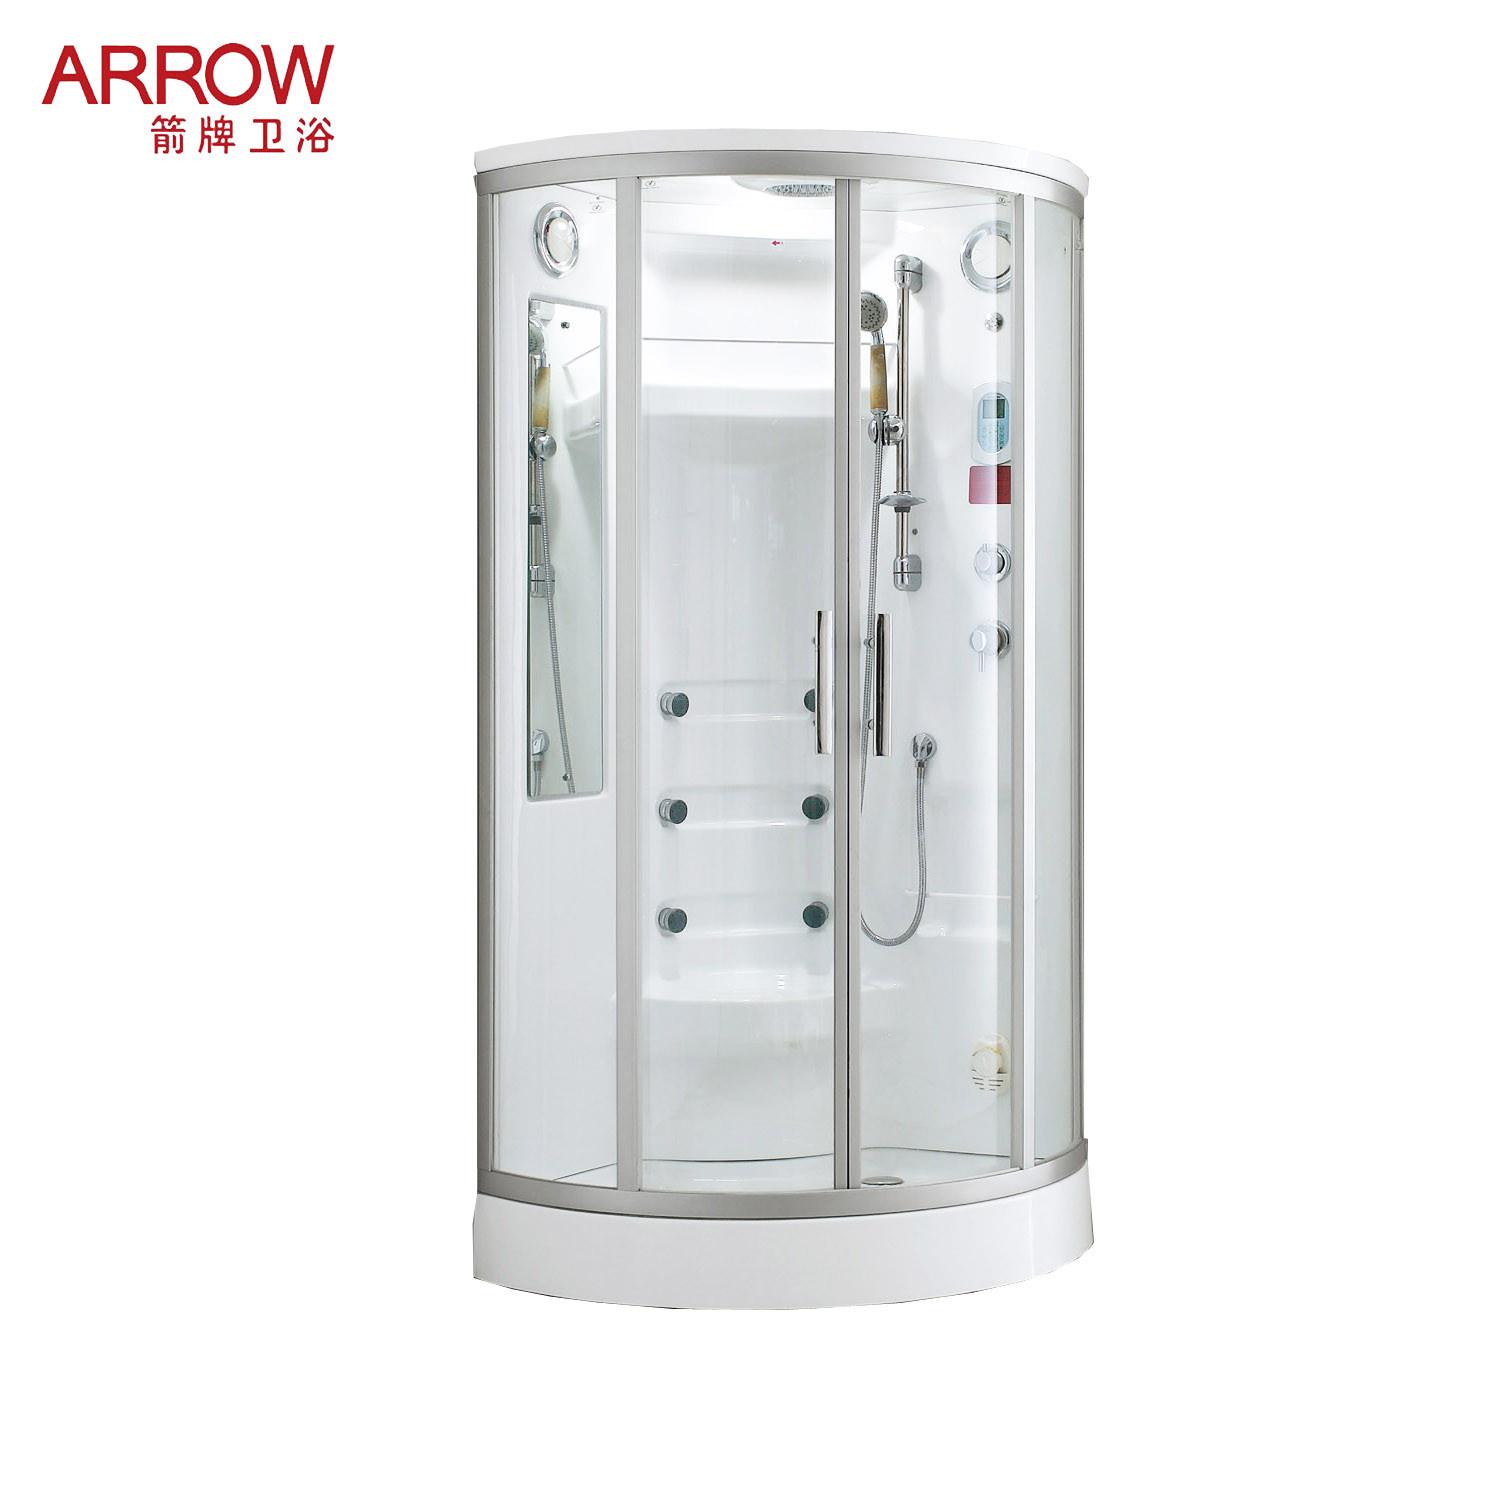 箭牌 白色移门式弧扇型 淋浴房